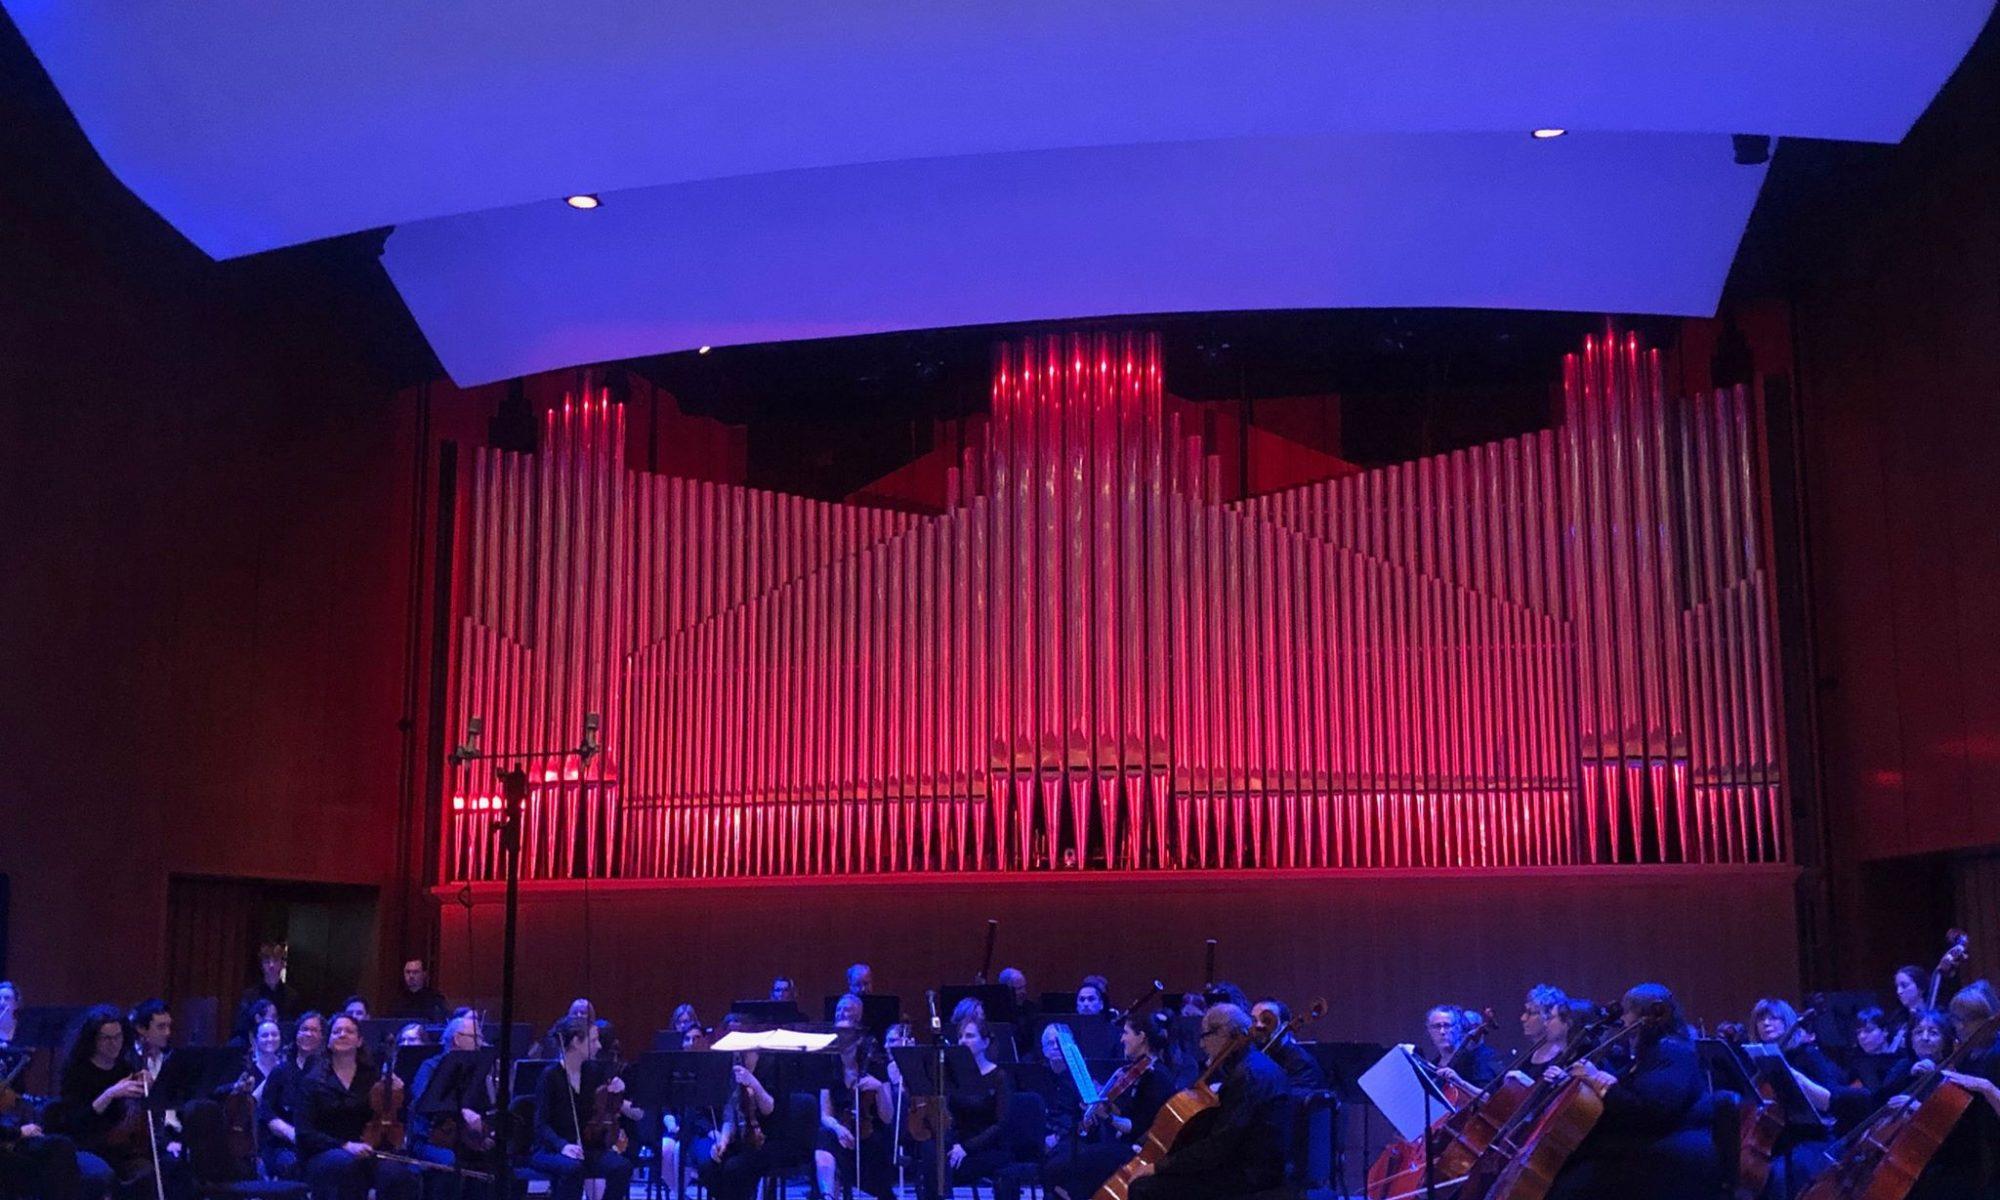 Orchestre Philharmonia mundi de Montréal